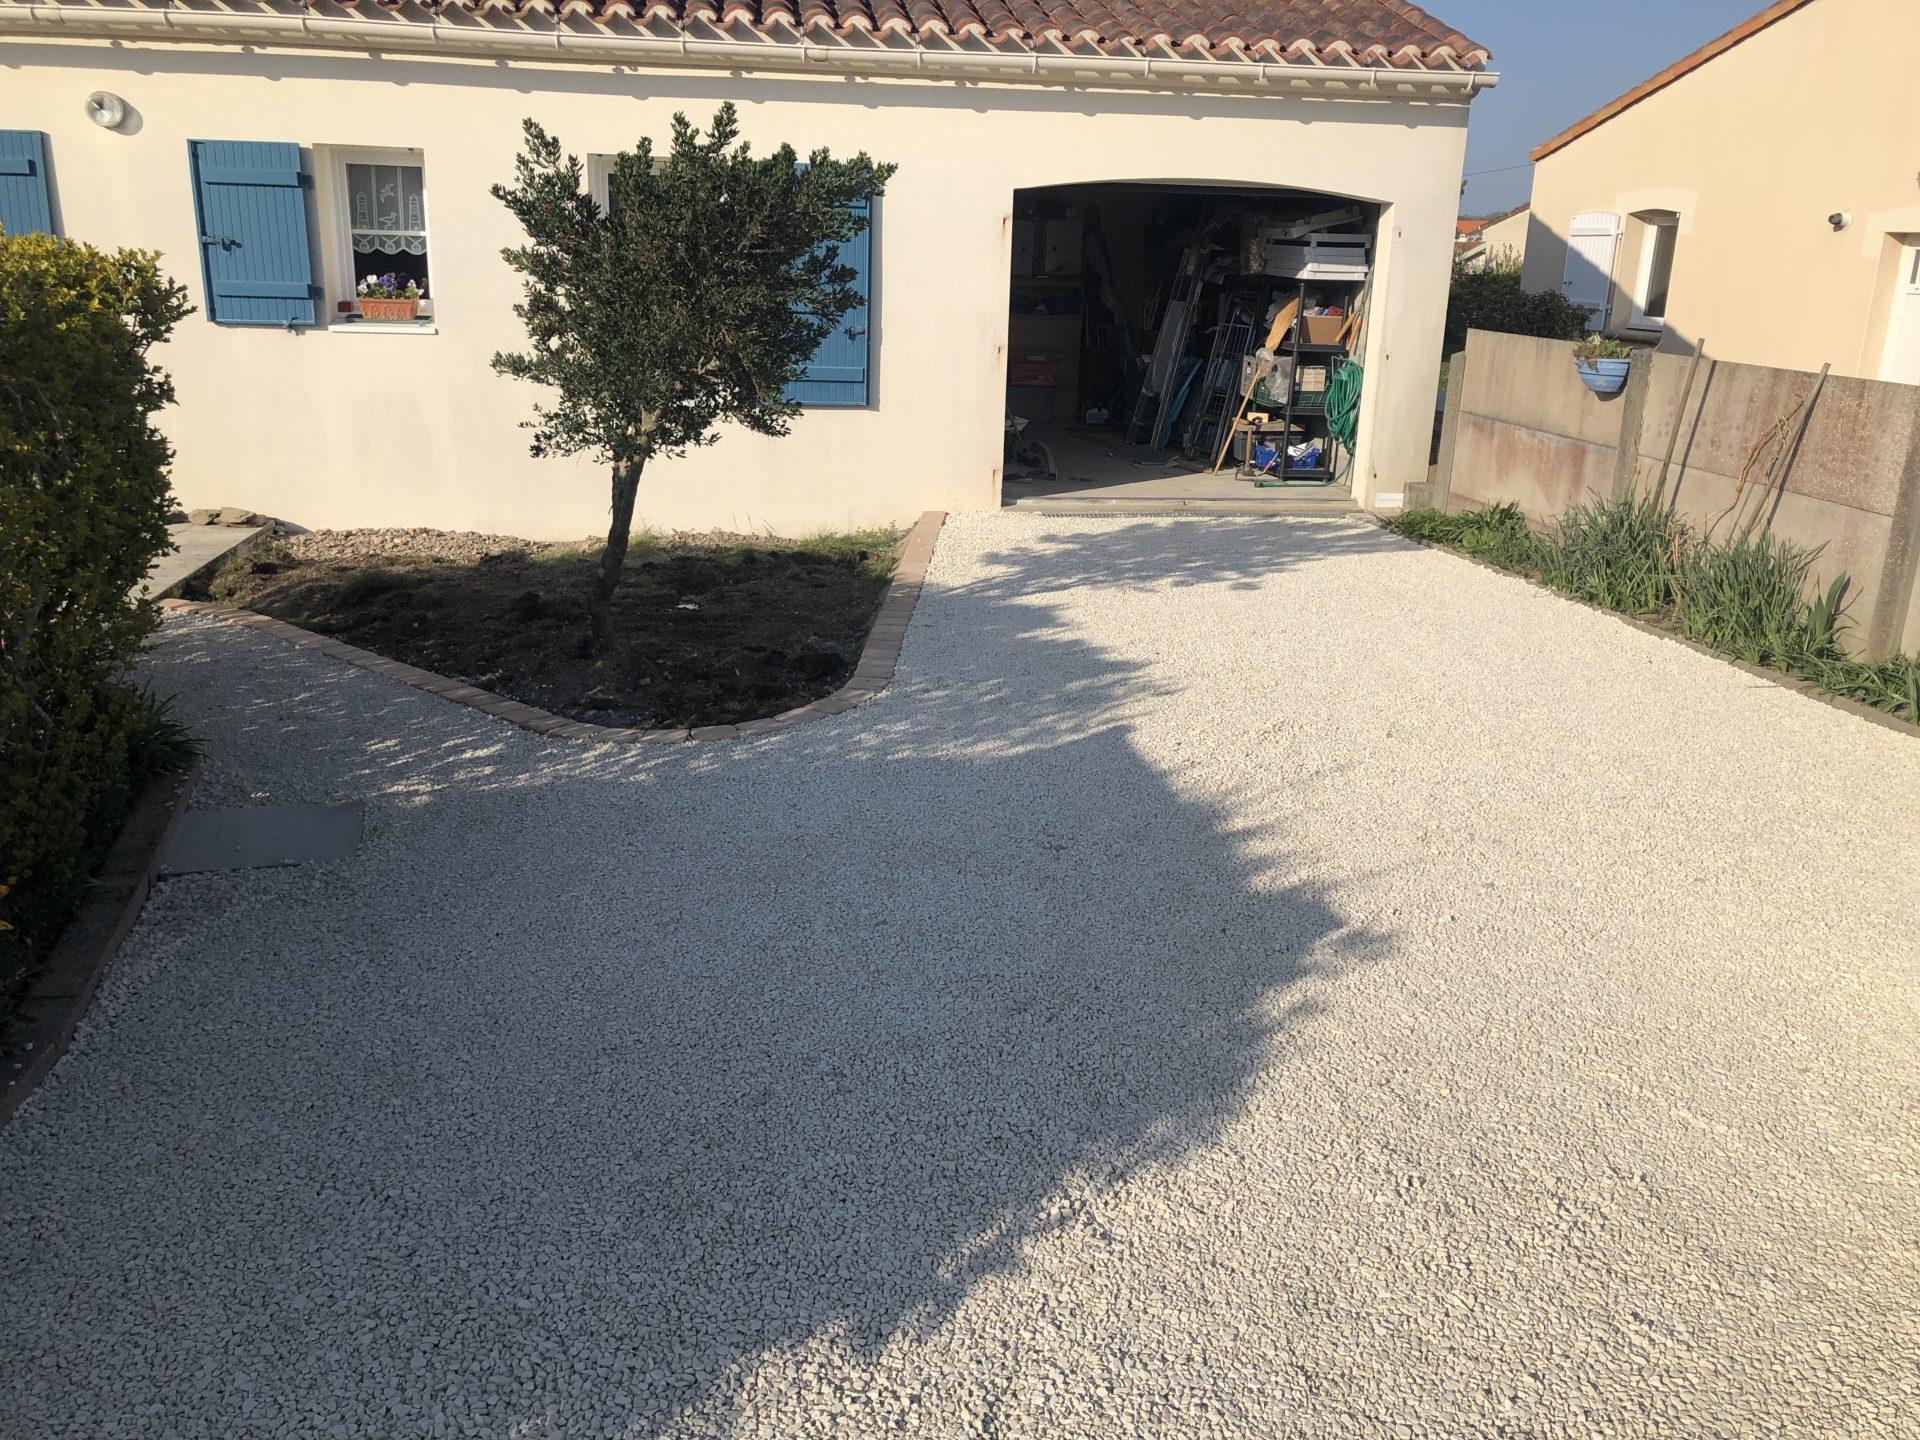 Aménagement Cour Et Chemin Avec Gravier,sable Compact,grave ... tout Amanagement De Cour